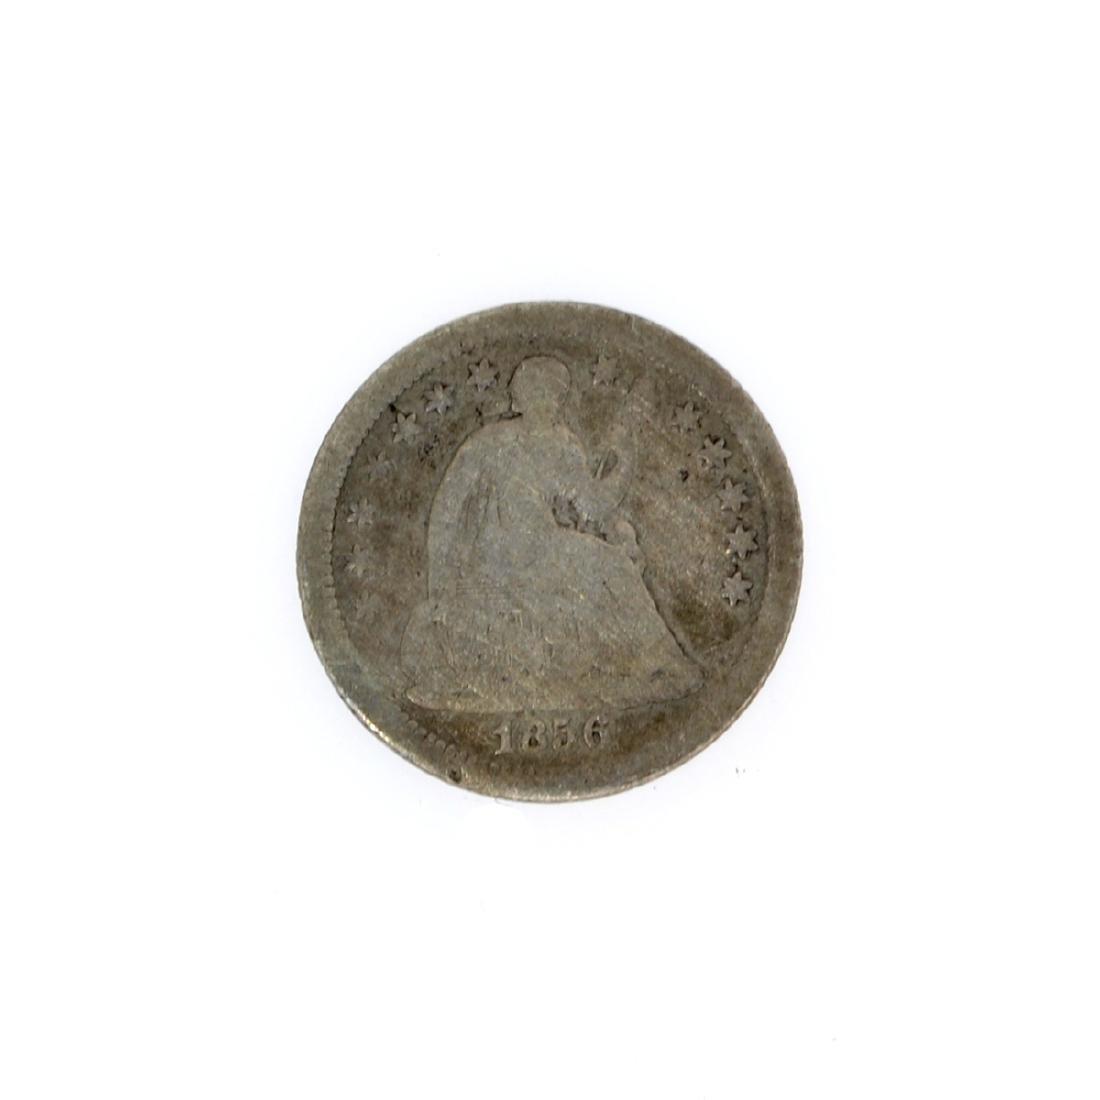 Rare 1856-O Liberty Seated Half Dime Coin